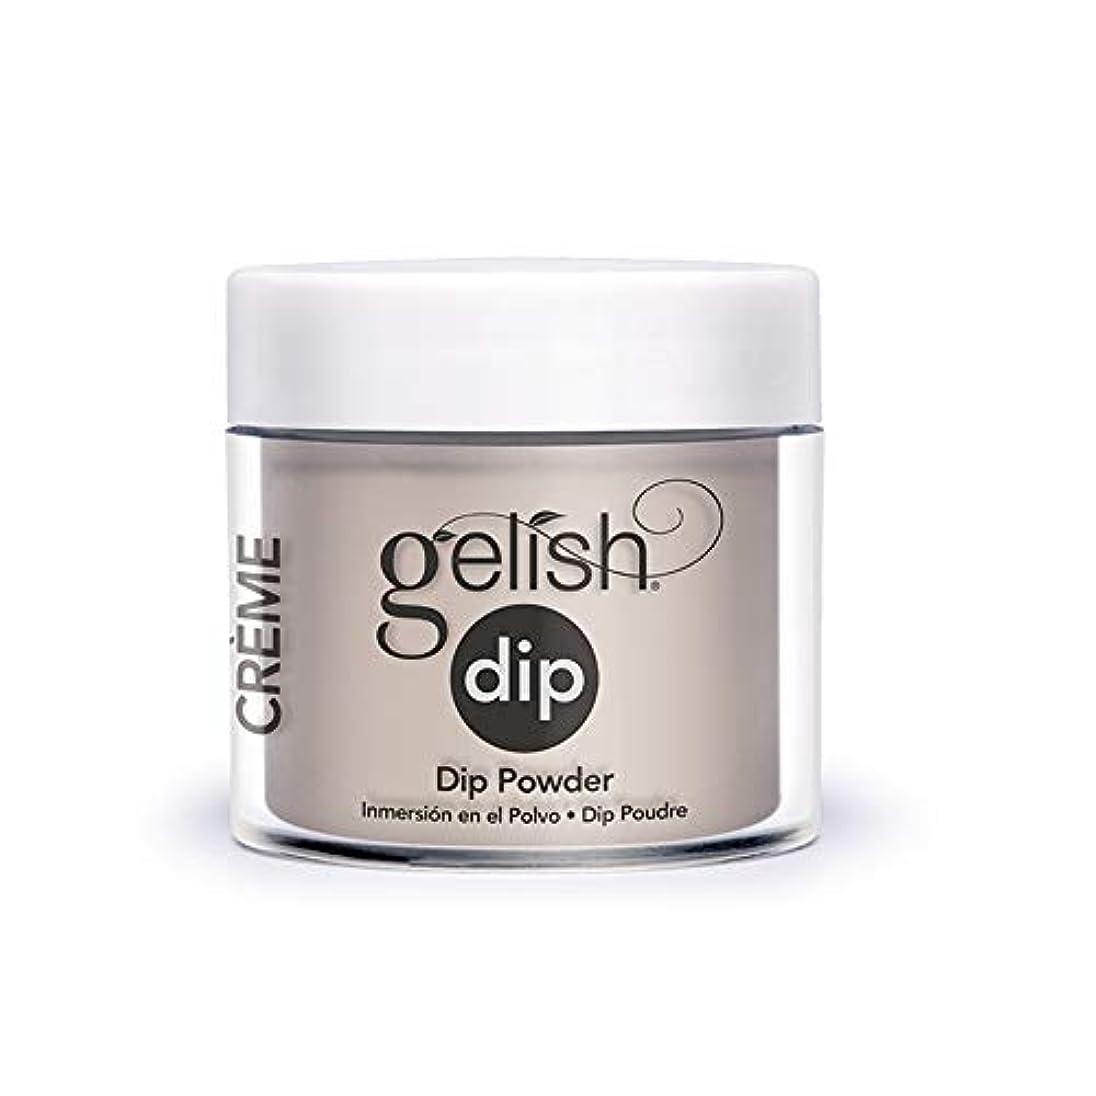 発生器砂モンスターHarmony Gelish - Acrylic Dip Powder - Birthday Suit - 23g/0.8oz